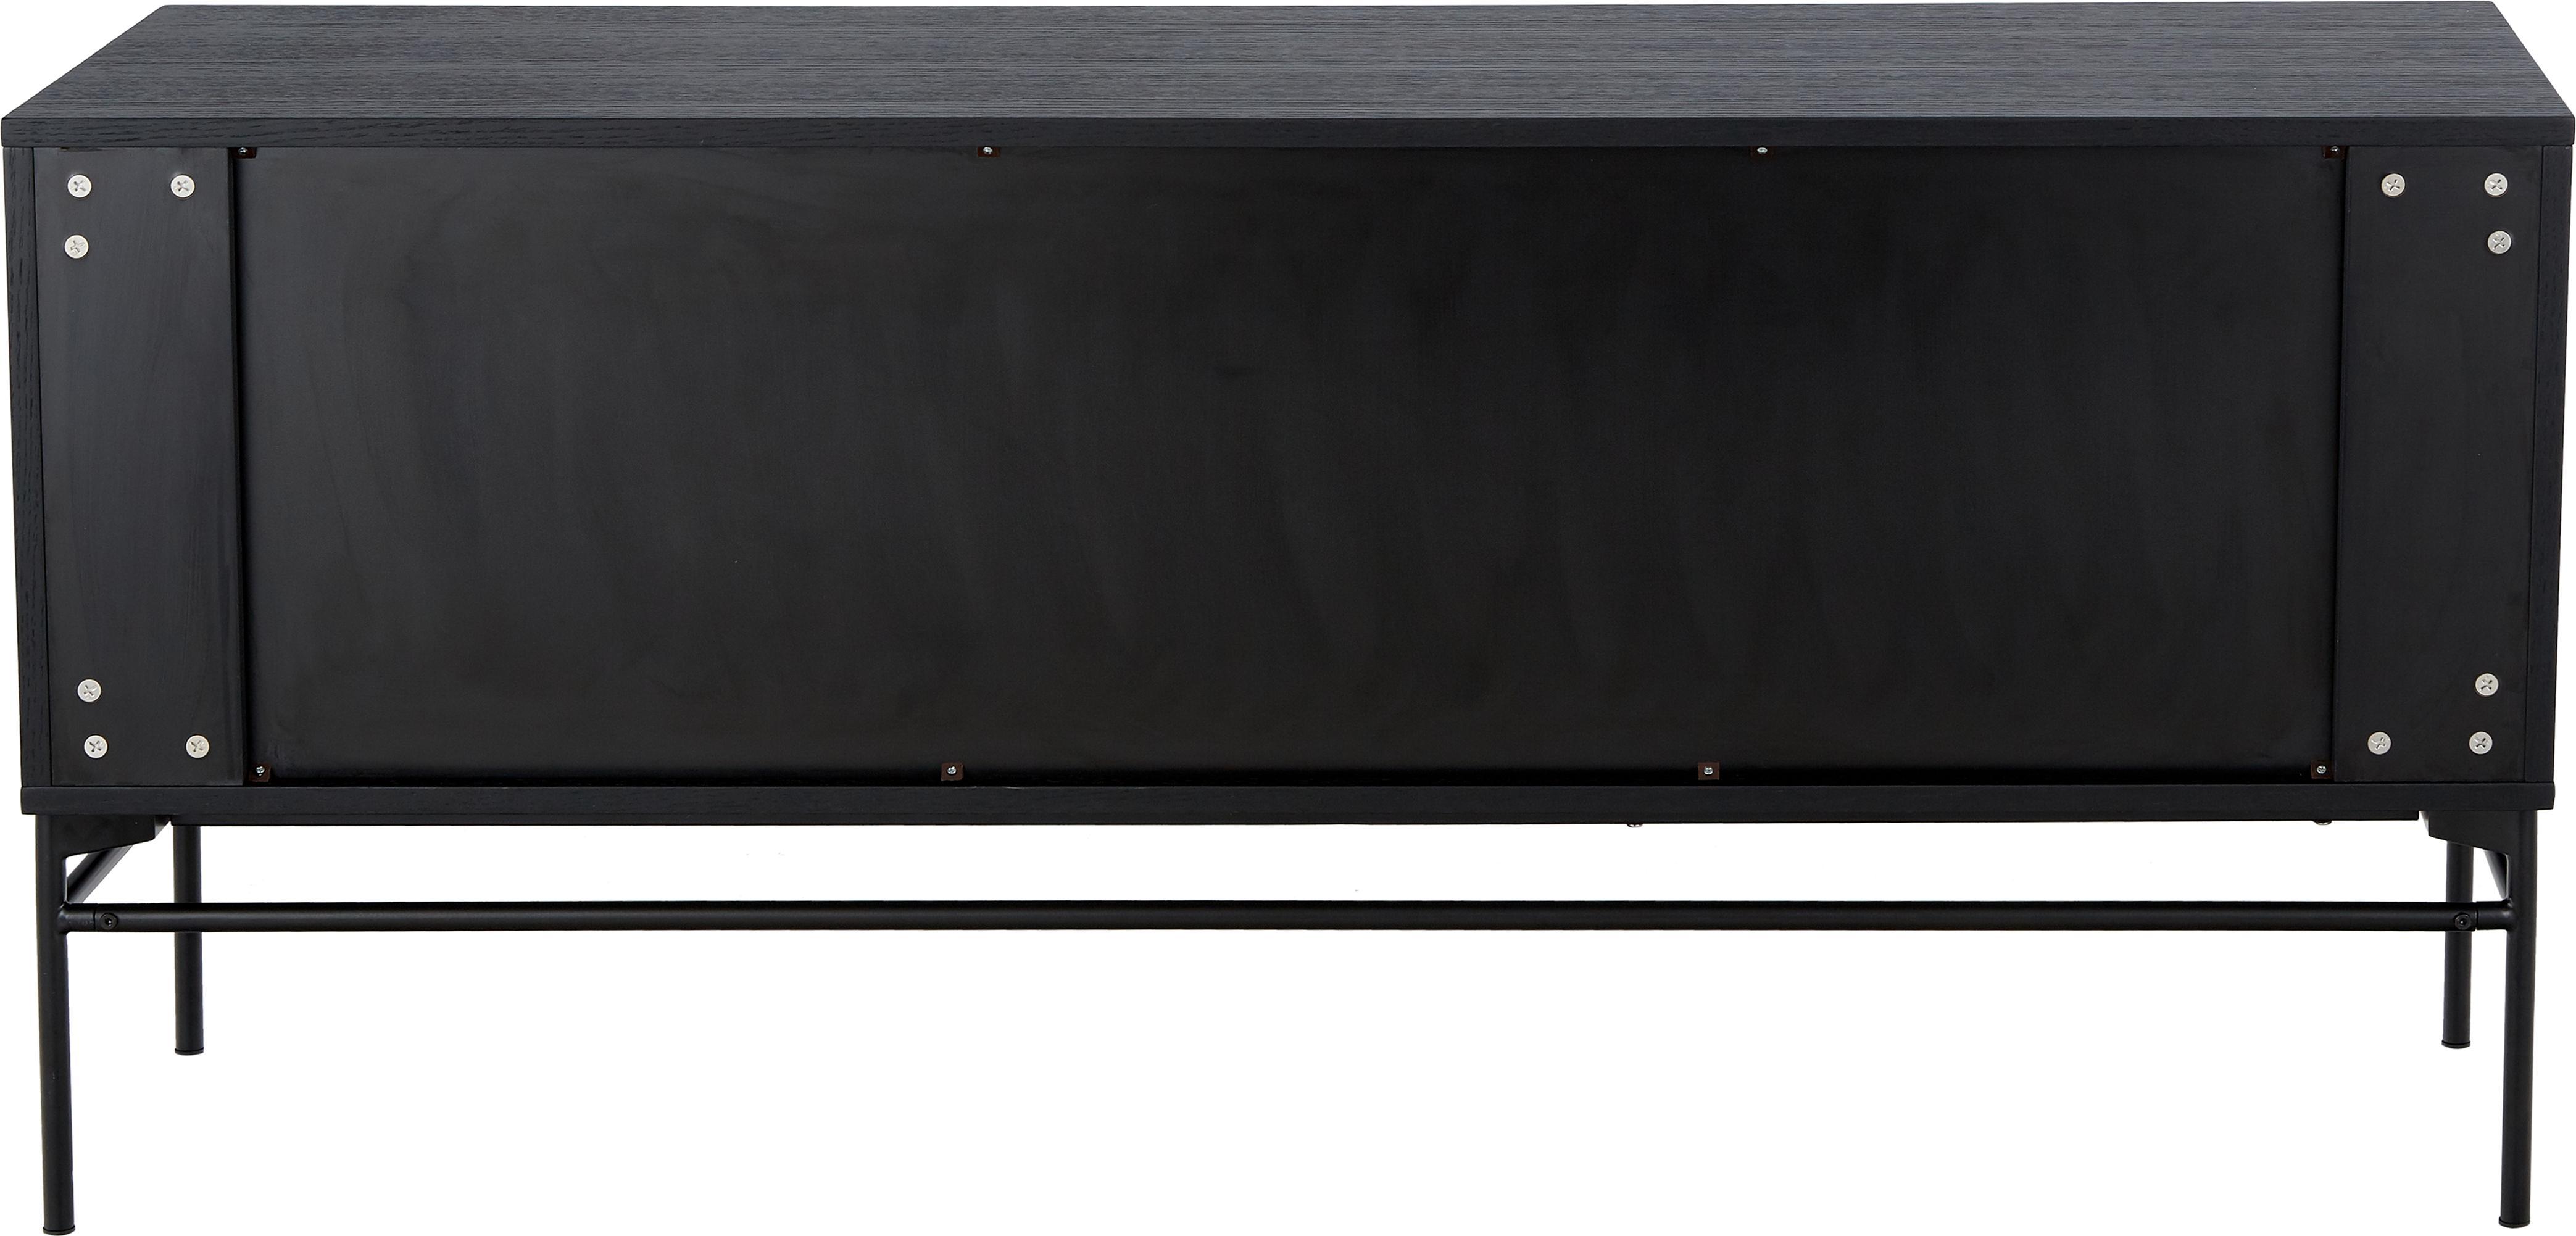 Credenza moderna Johan, Piedini: metallo verniciato a polv, Corpo: impiallacciato rovere, nero verniciato Piedini: nero opaco, Larg. 160 x Alt. 75 cm